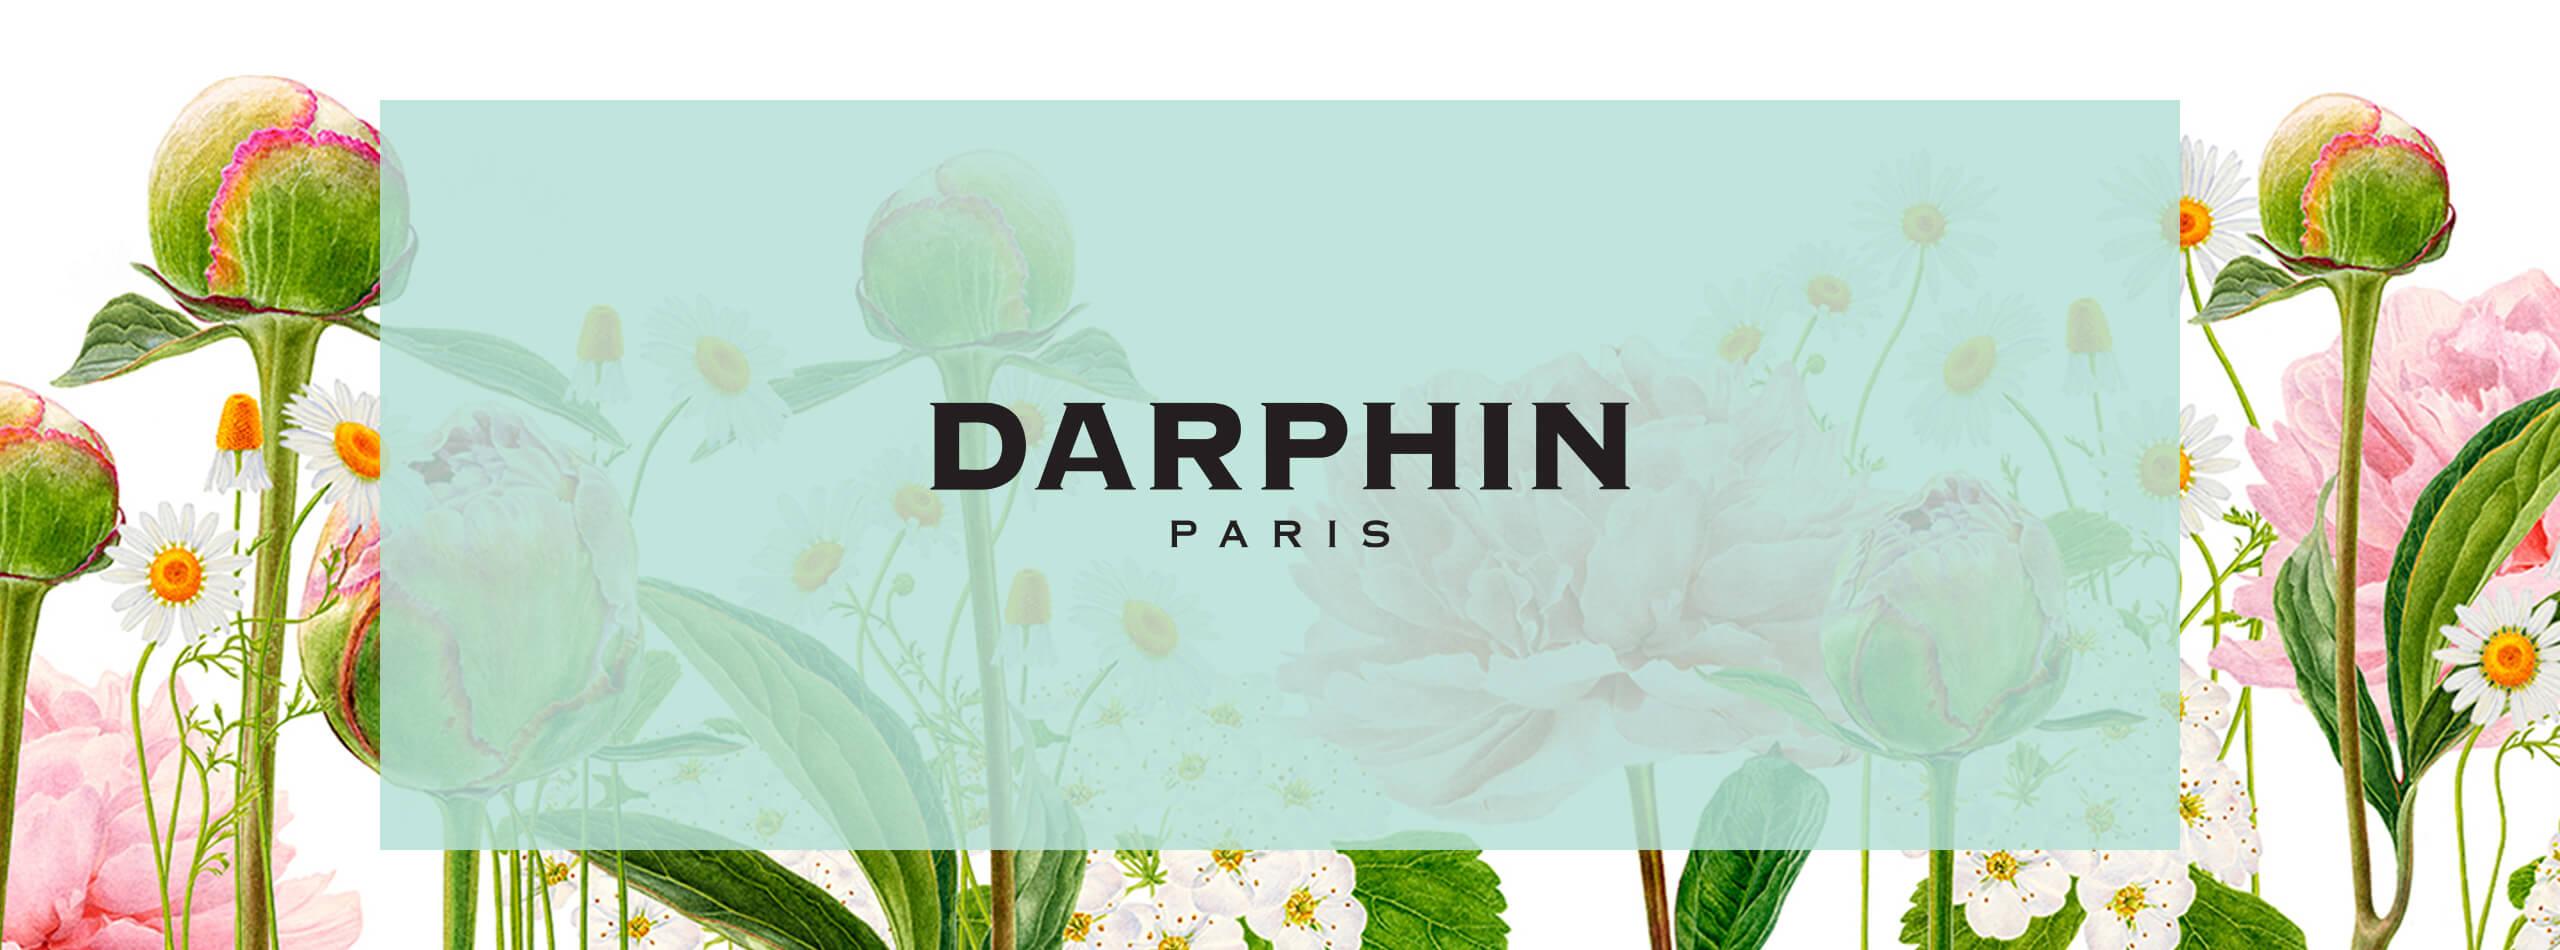 DARPHIN_HERO-IMAGE-1